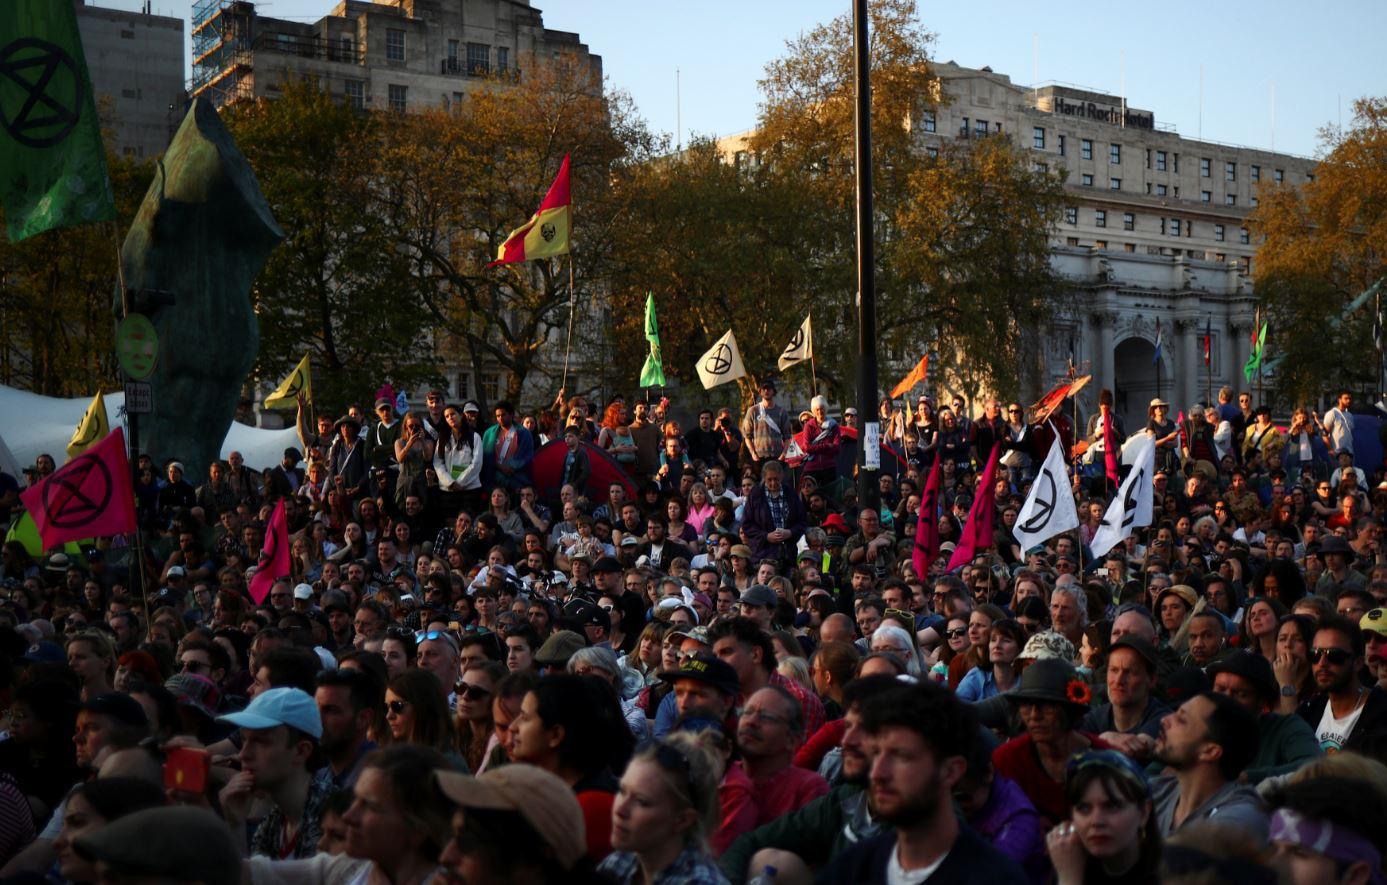 El grupo 'Extinction Rebellion' ('Rebelión contra la extinción') protesta frente al Arco de Mármol de Londres en espera de Greta Thunberg (Reuters)